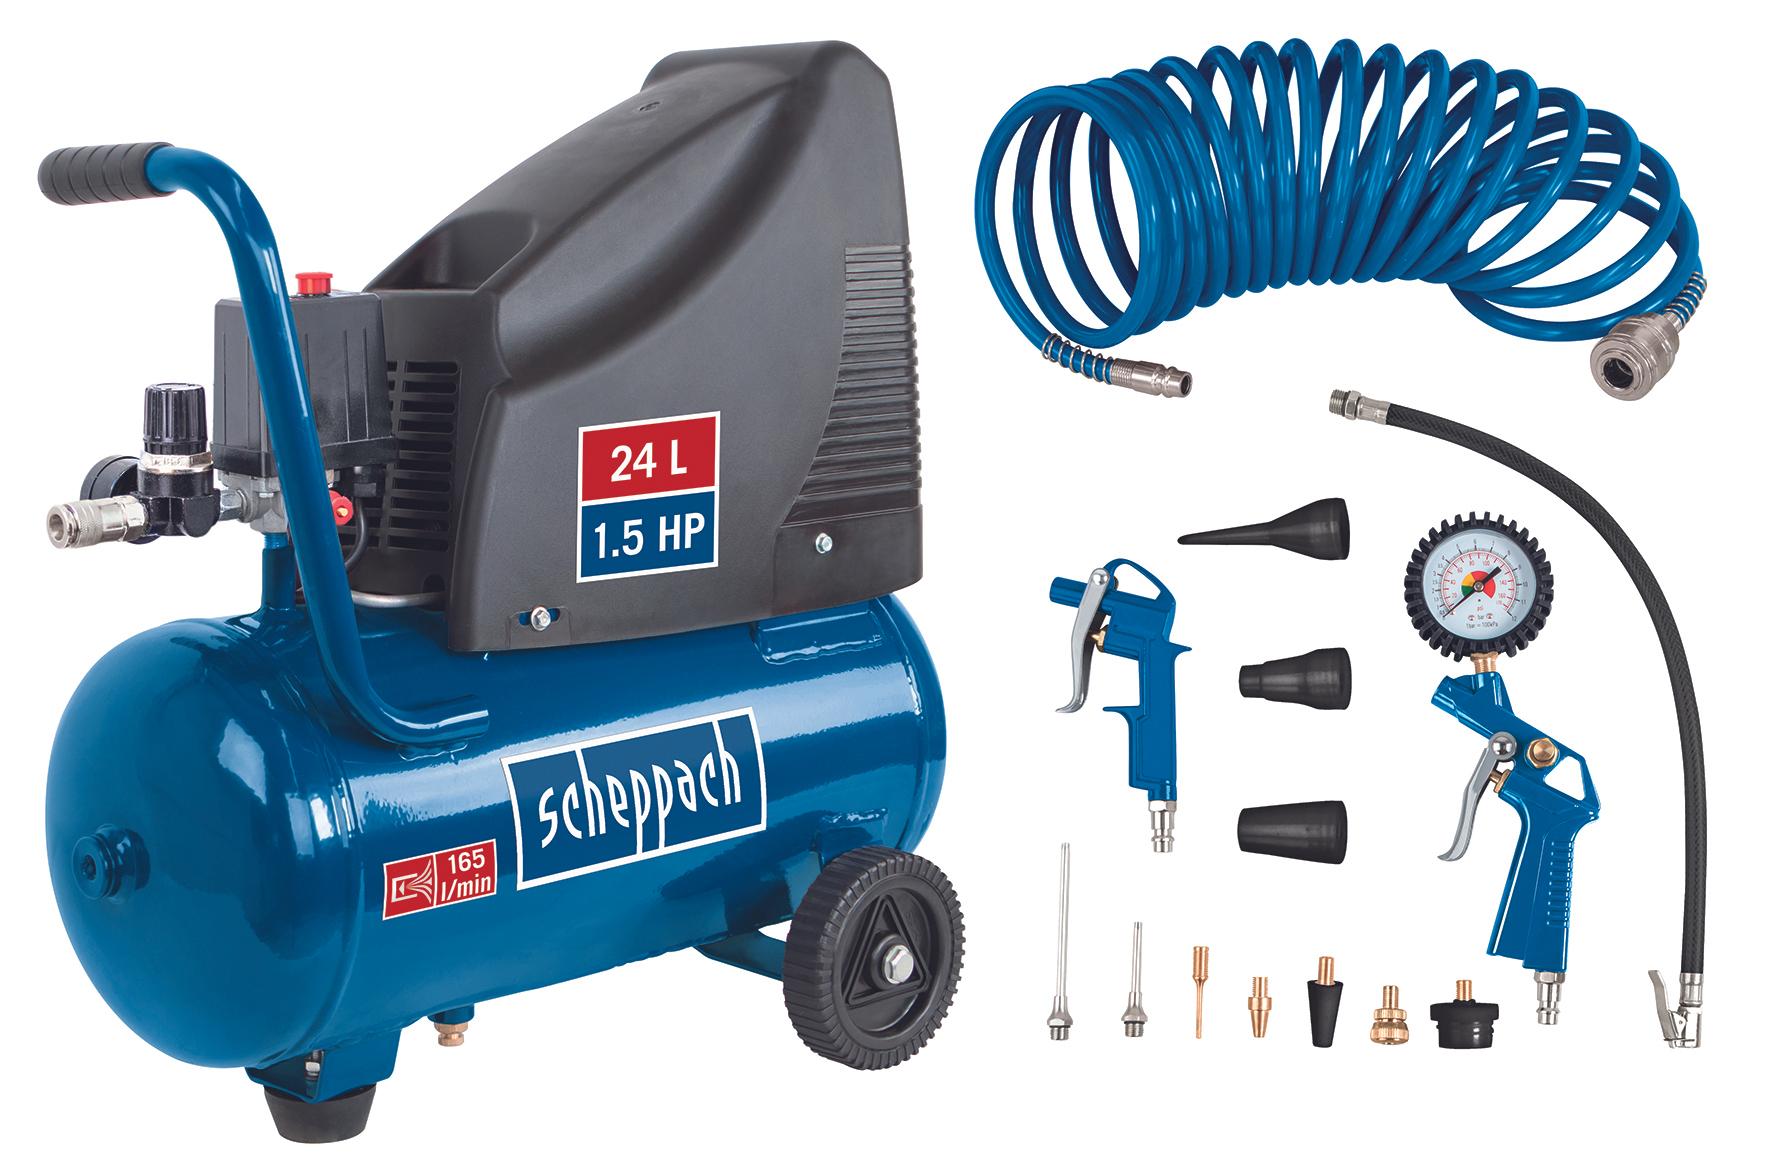 Scheppach Kompressor GK250o (Ölfrei), 230 V, 1100 W, 8 bar, 24 l für 86,76 Euro [Globus Baumarkt Filiale]